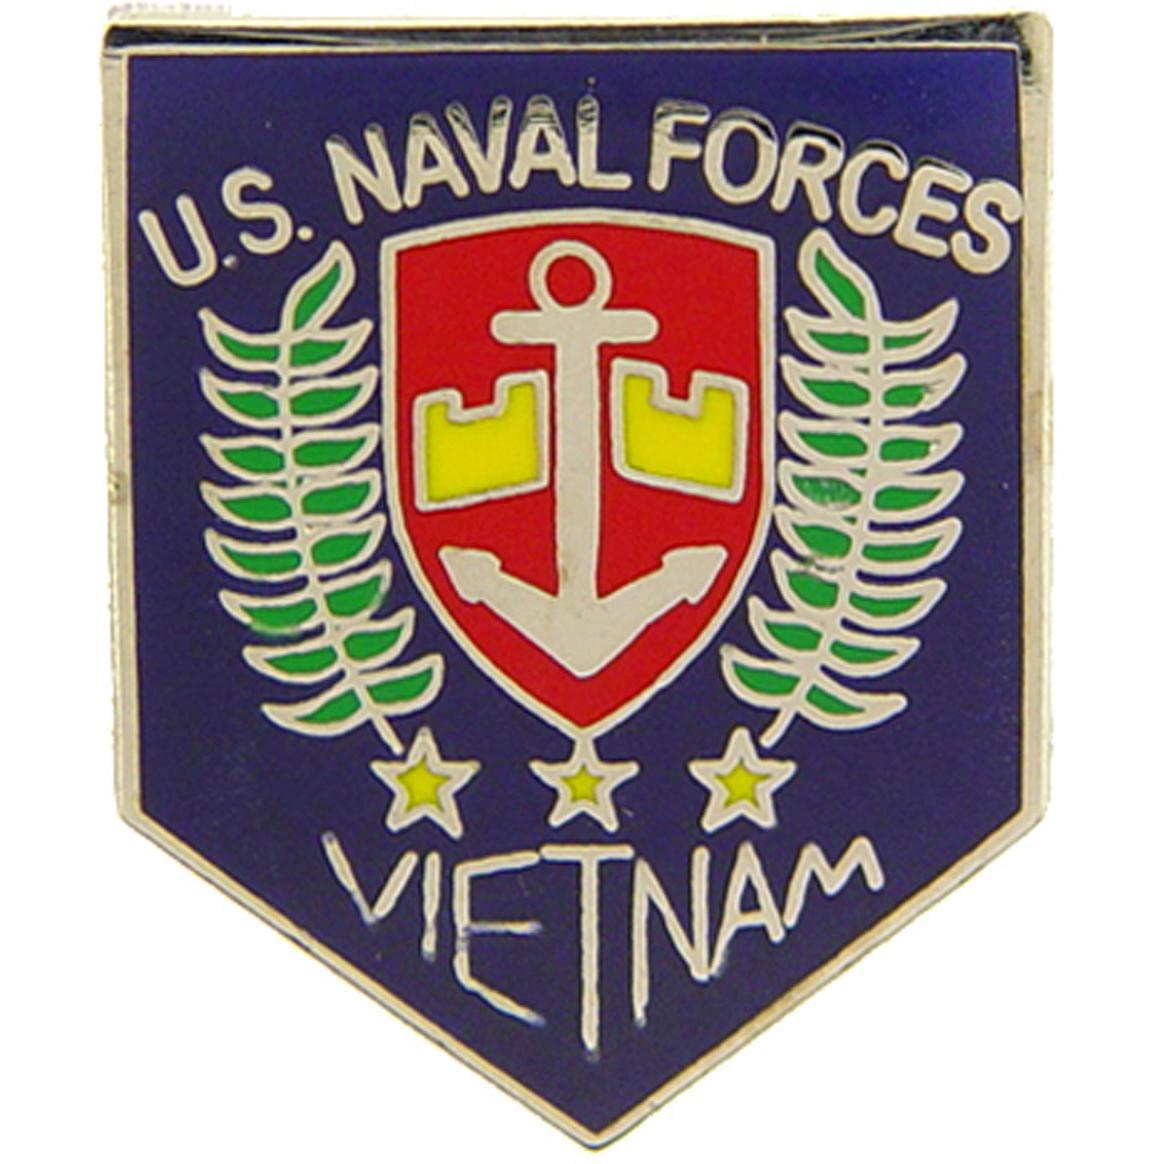 U.S. Naval Forces Vietnam Pin 1